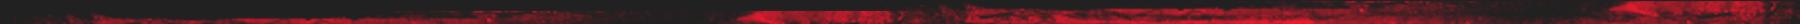 header-texture-2